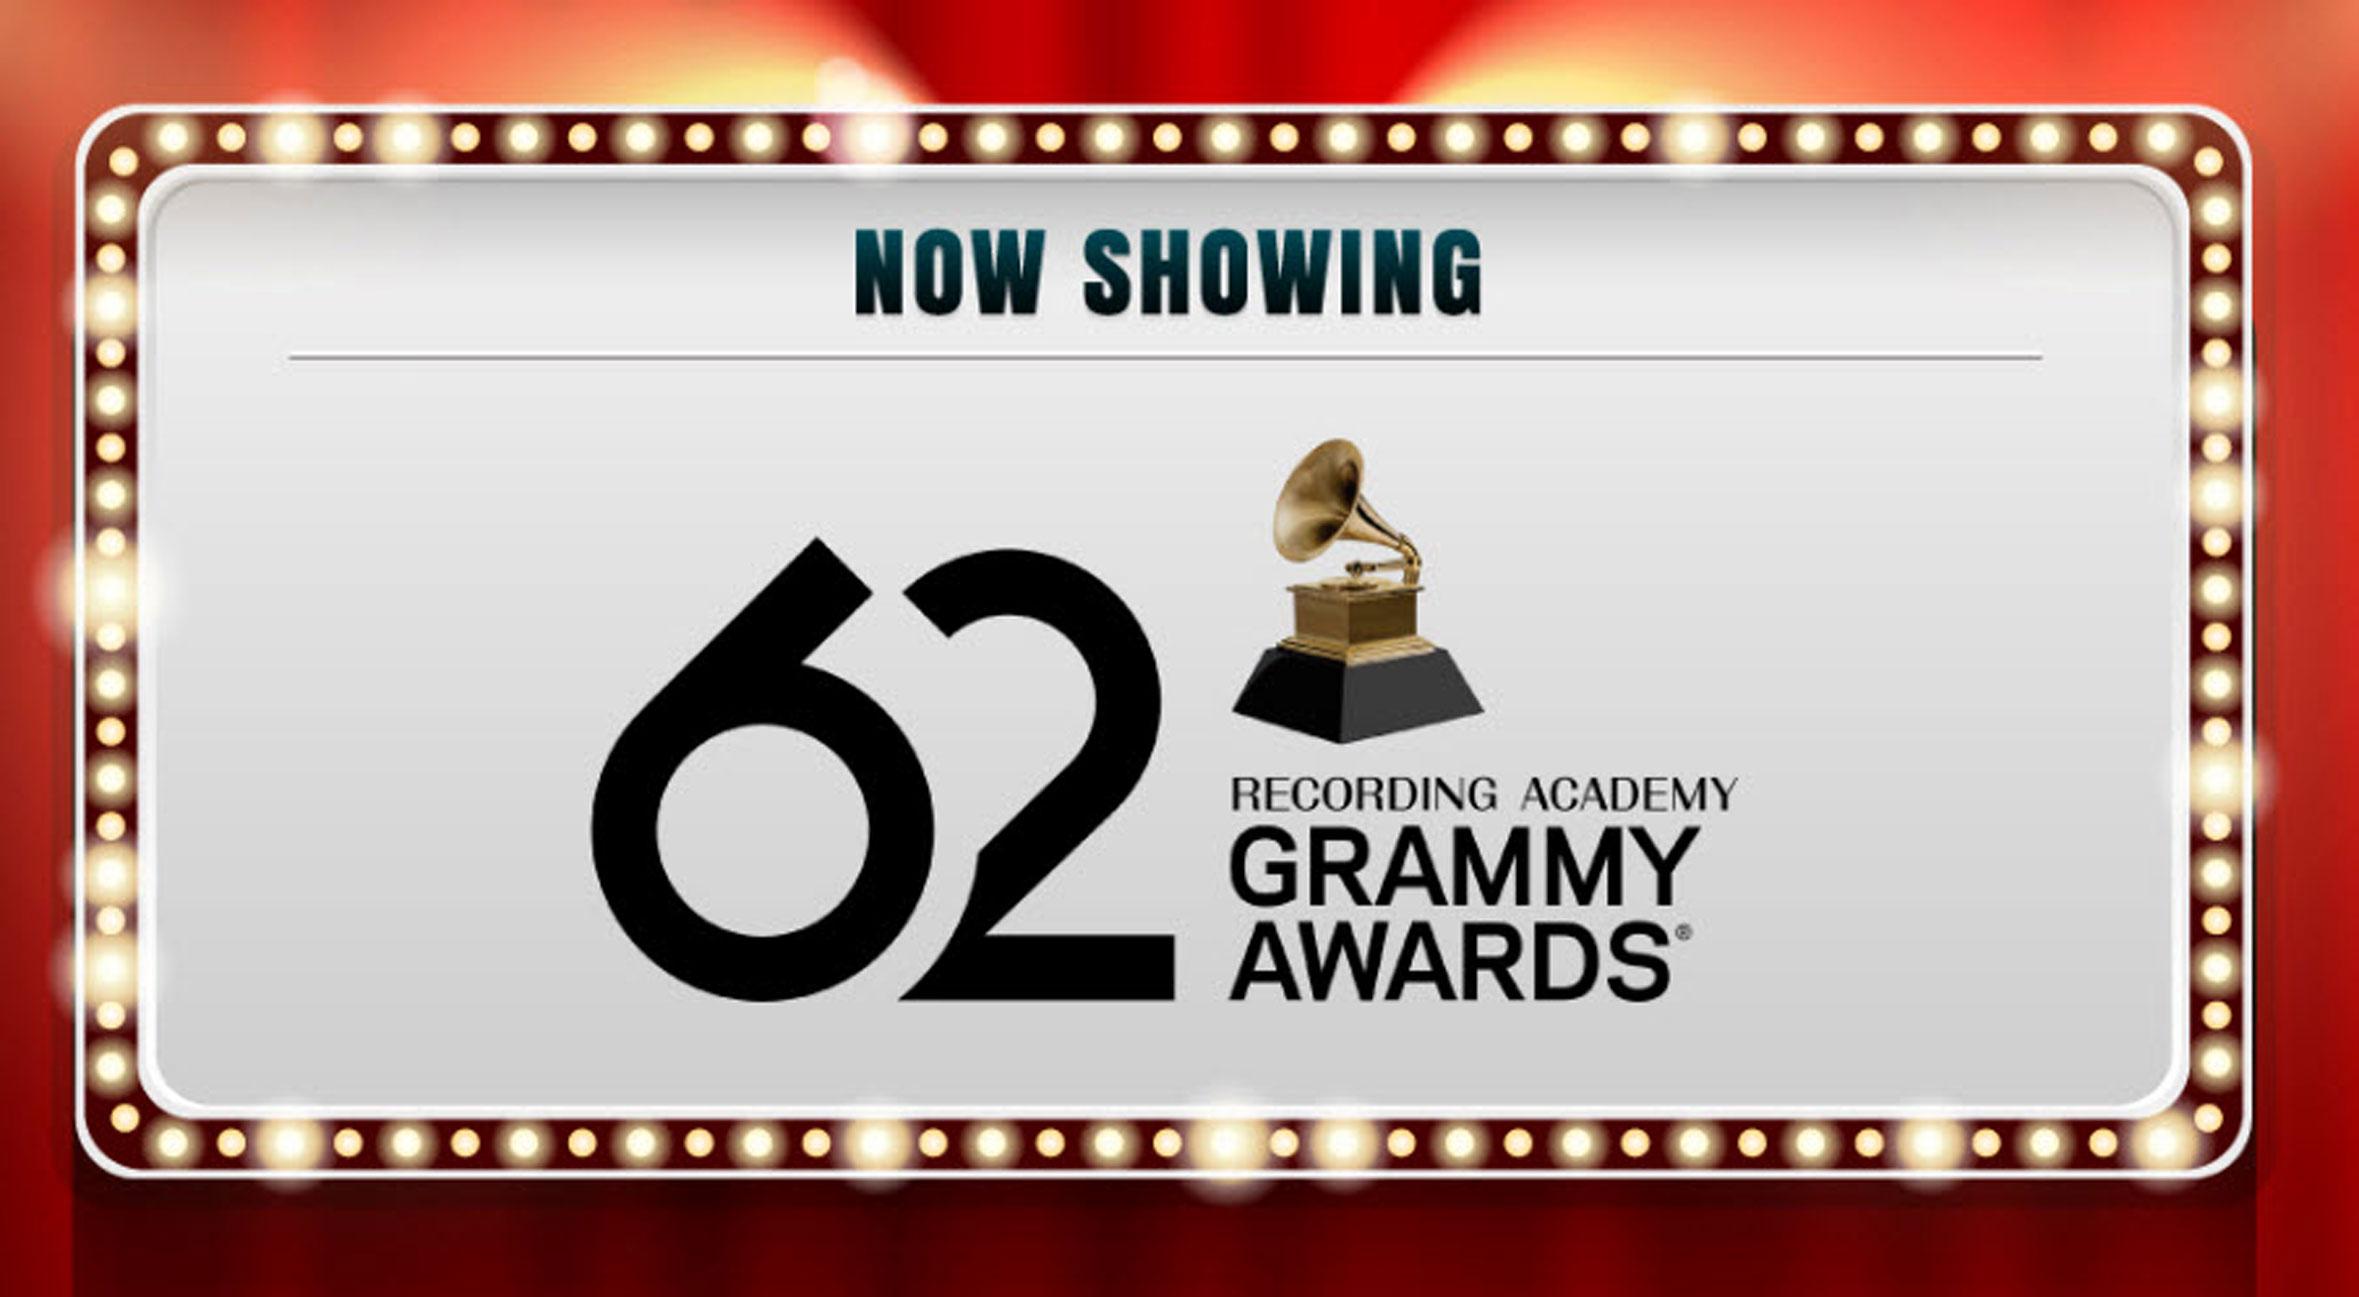 Πάρτε θέση για την απονομή των βραβείων Grammy